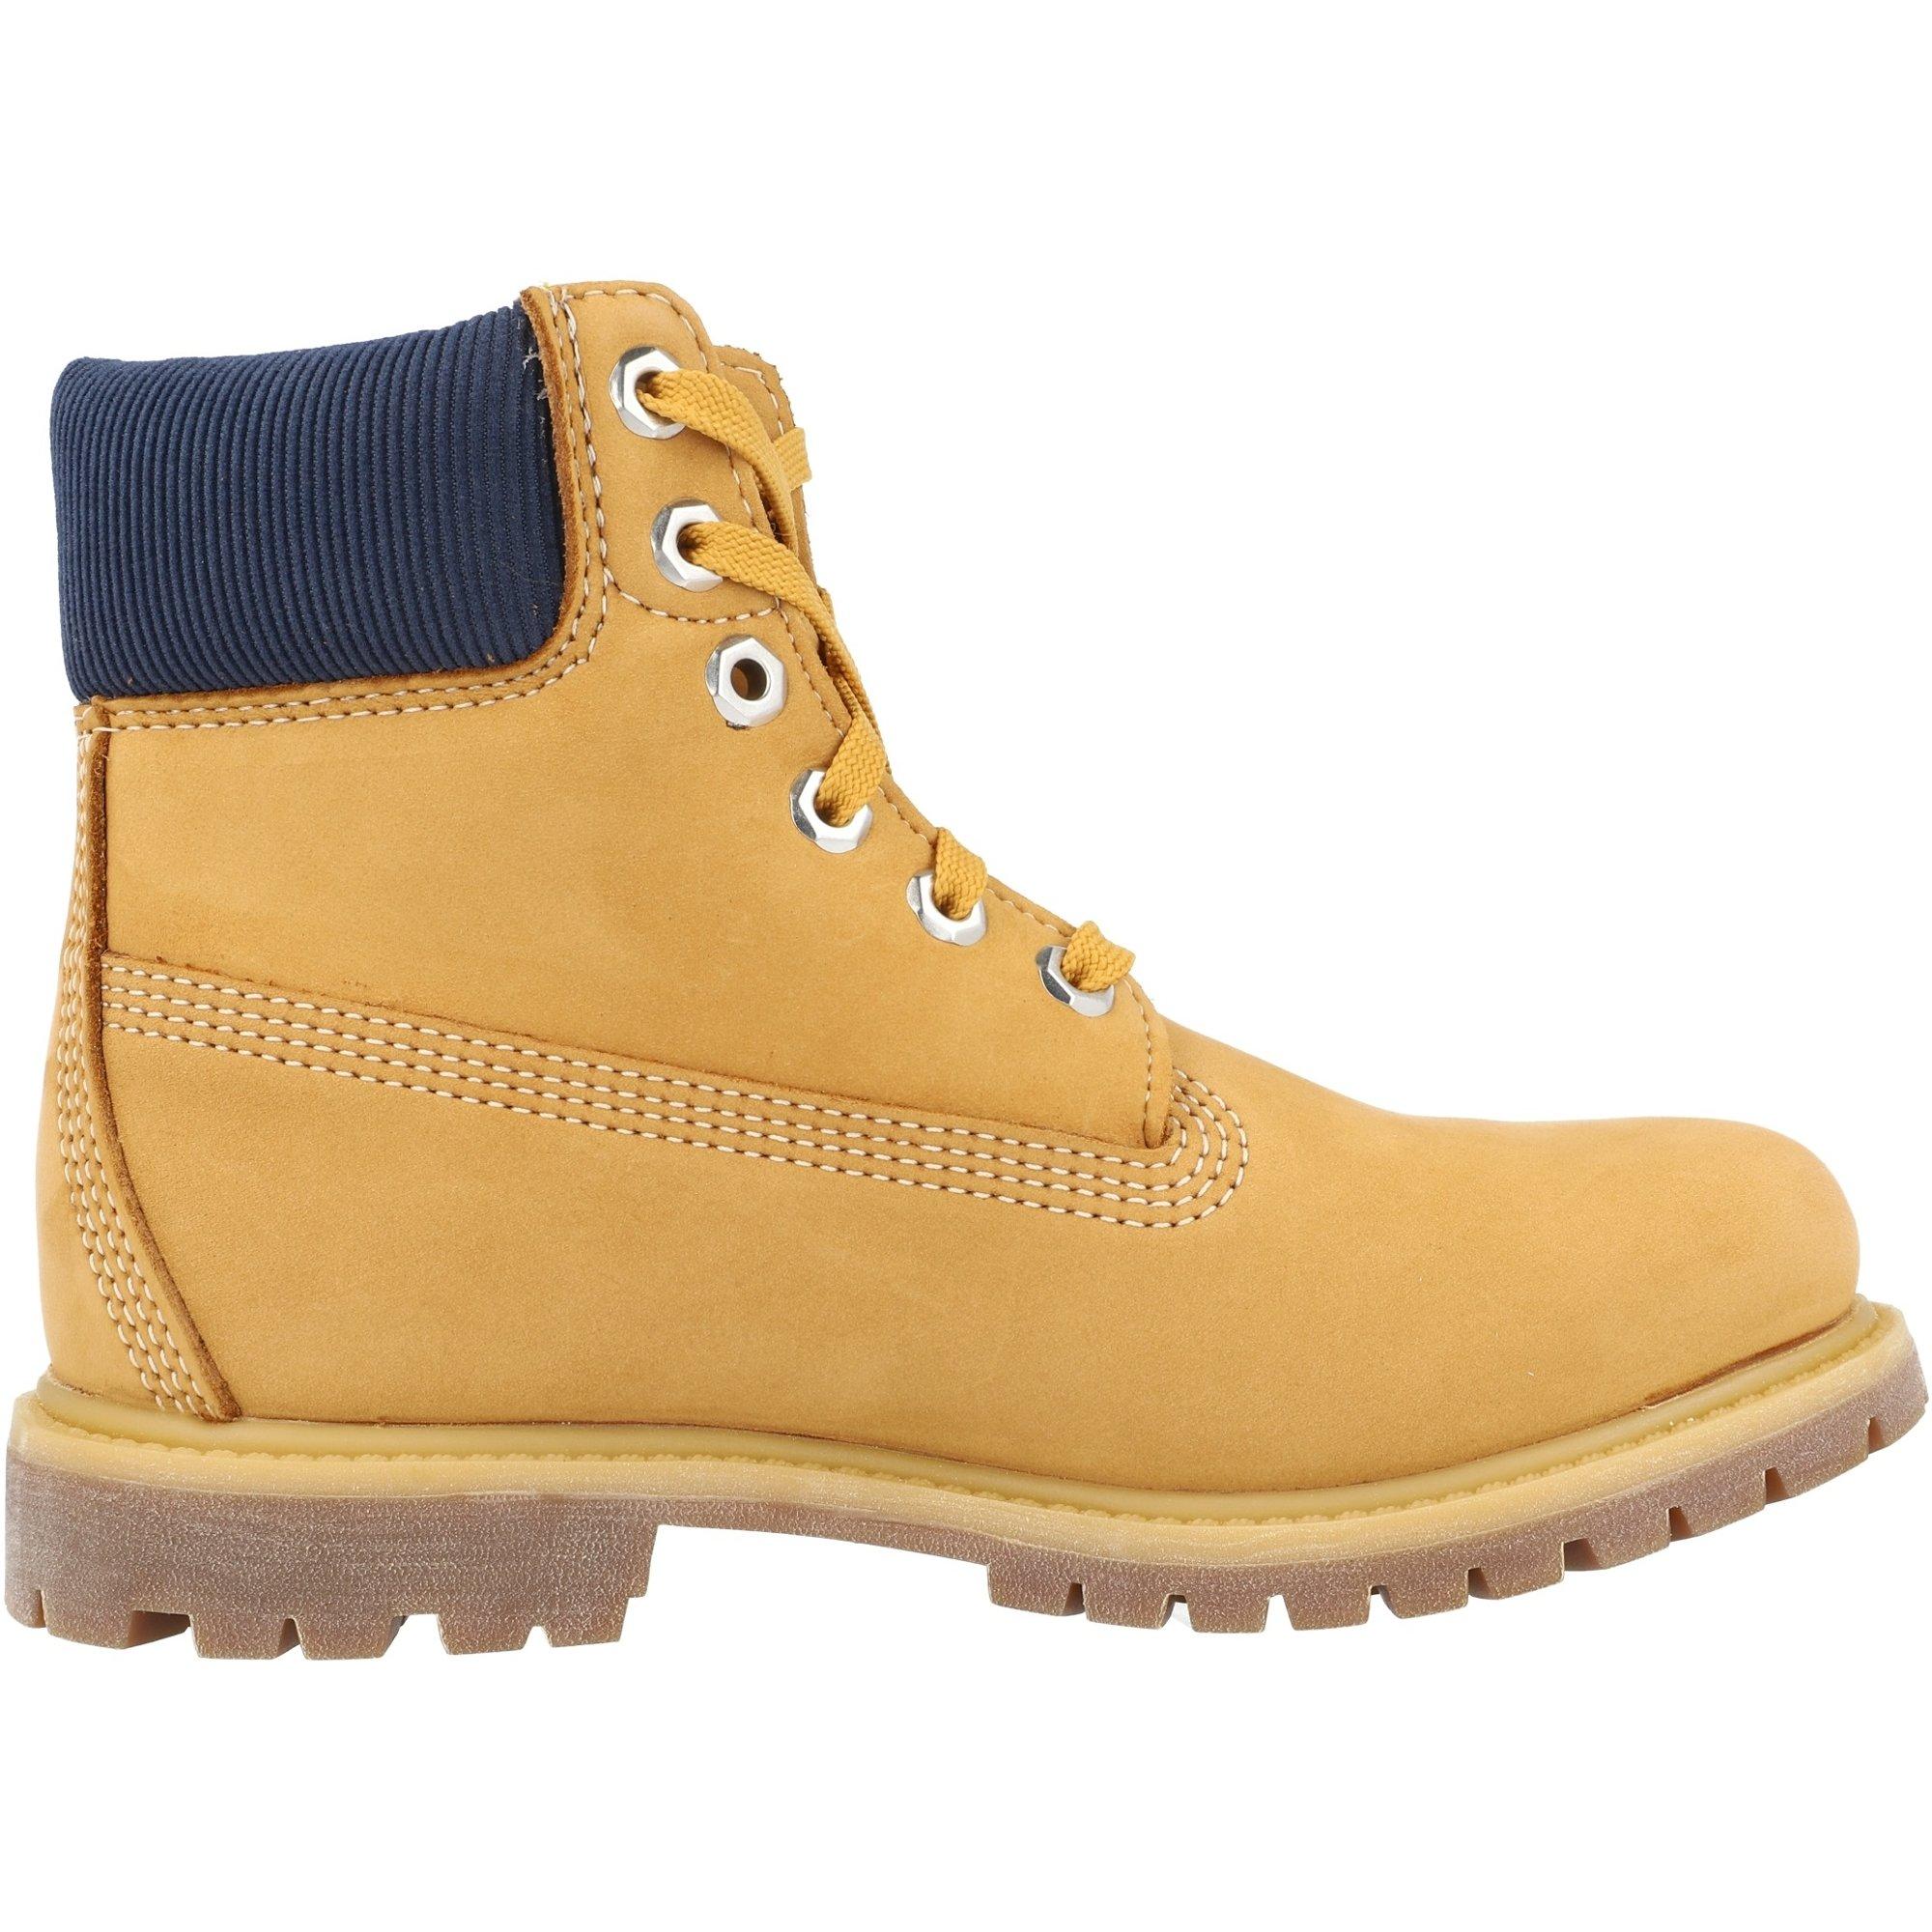 Timberland Premium 6 Inch Waterproof Boot Wheat Nubuck